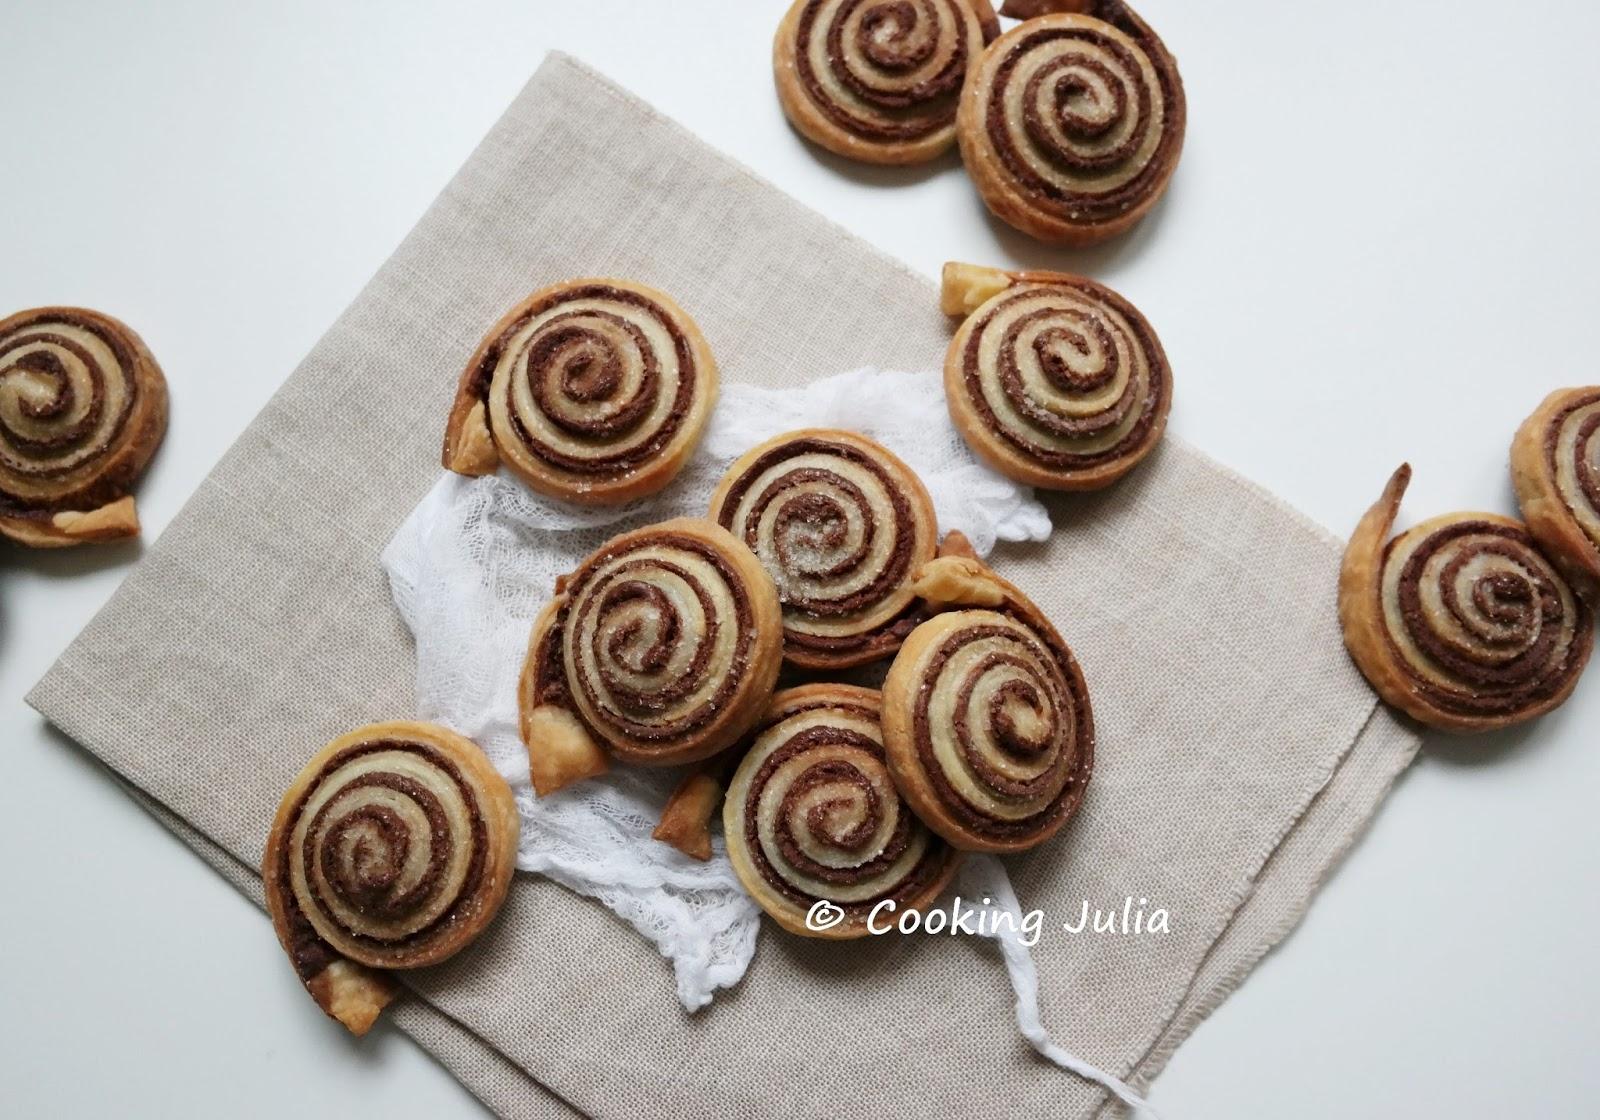 Cooking julia escargots la p te tartiner ou comment - Pate a bois comment l utiliser ...